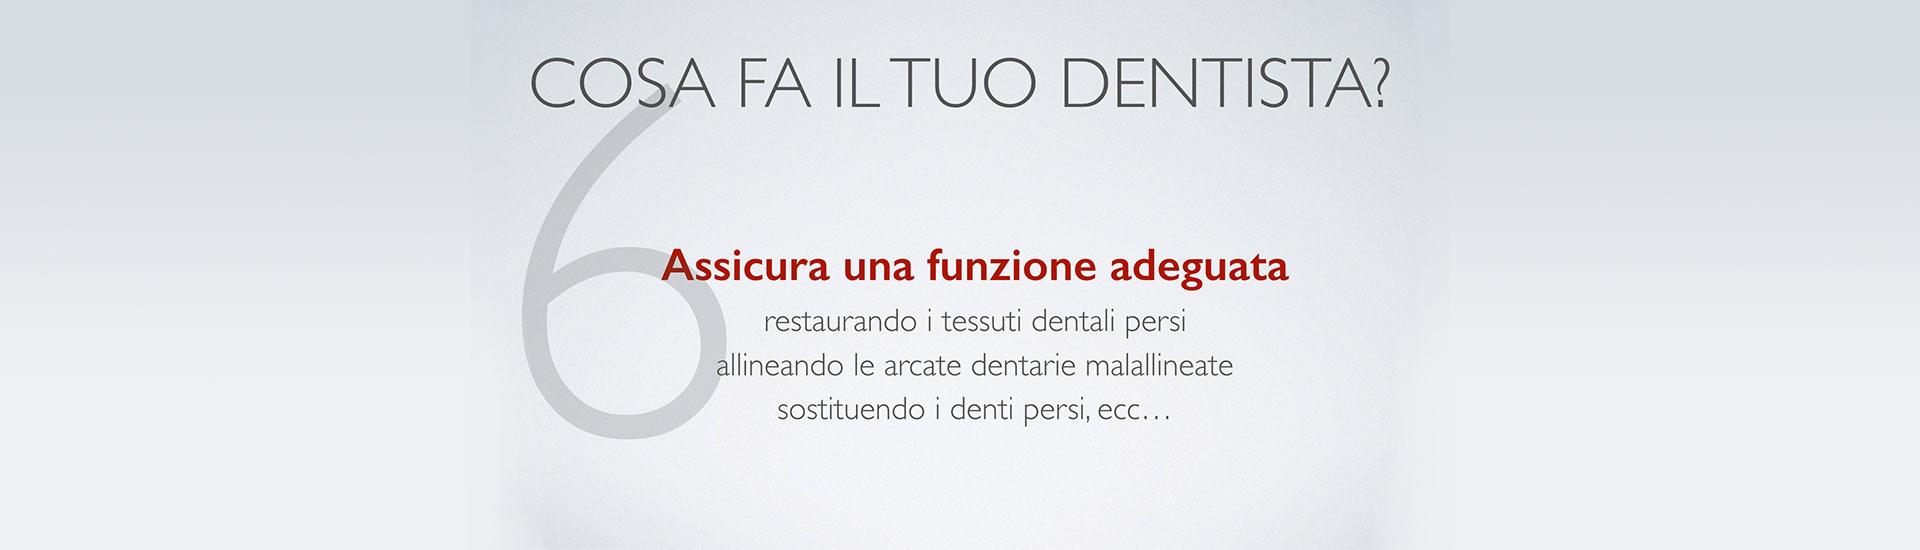 Cosa fa il tuo dentista? Punto 6